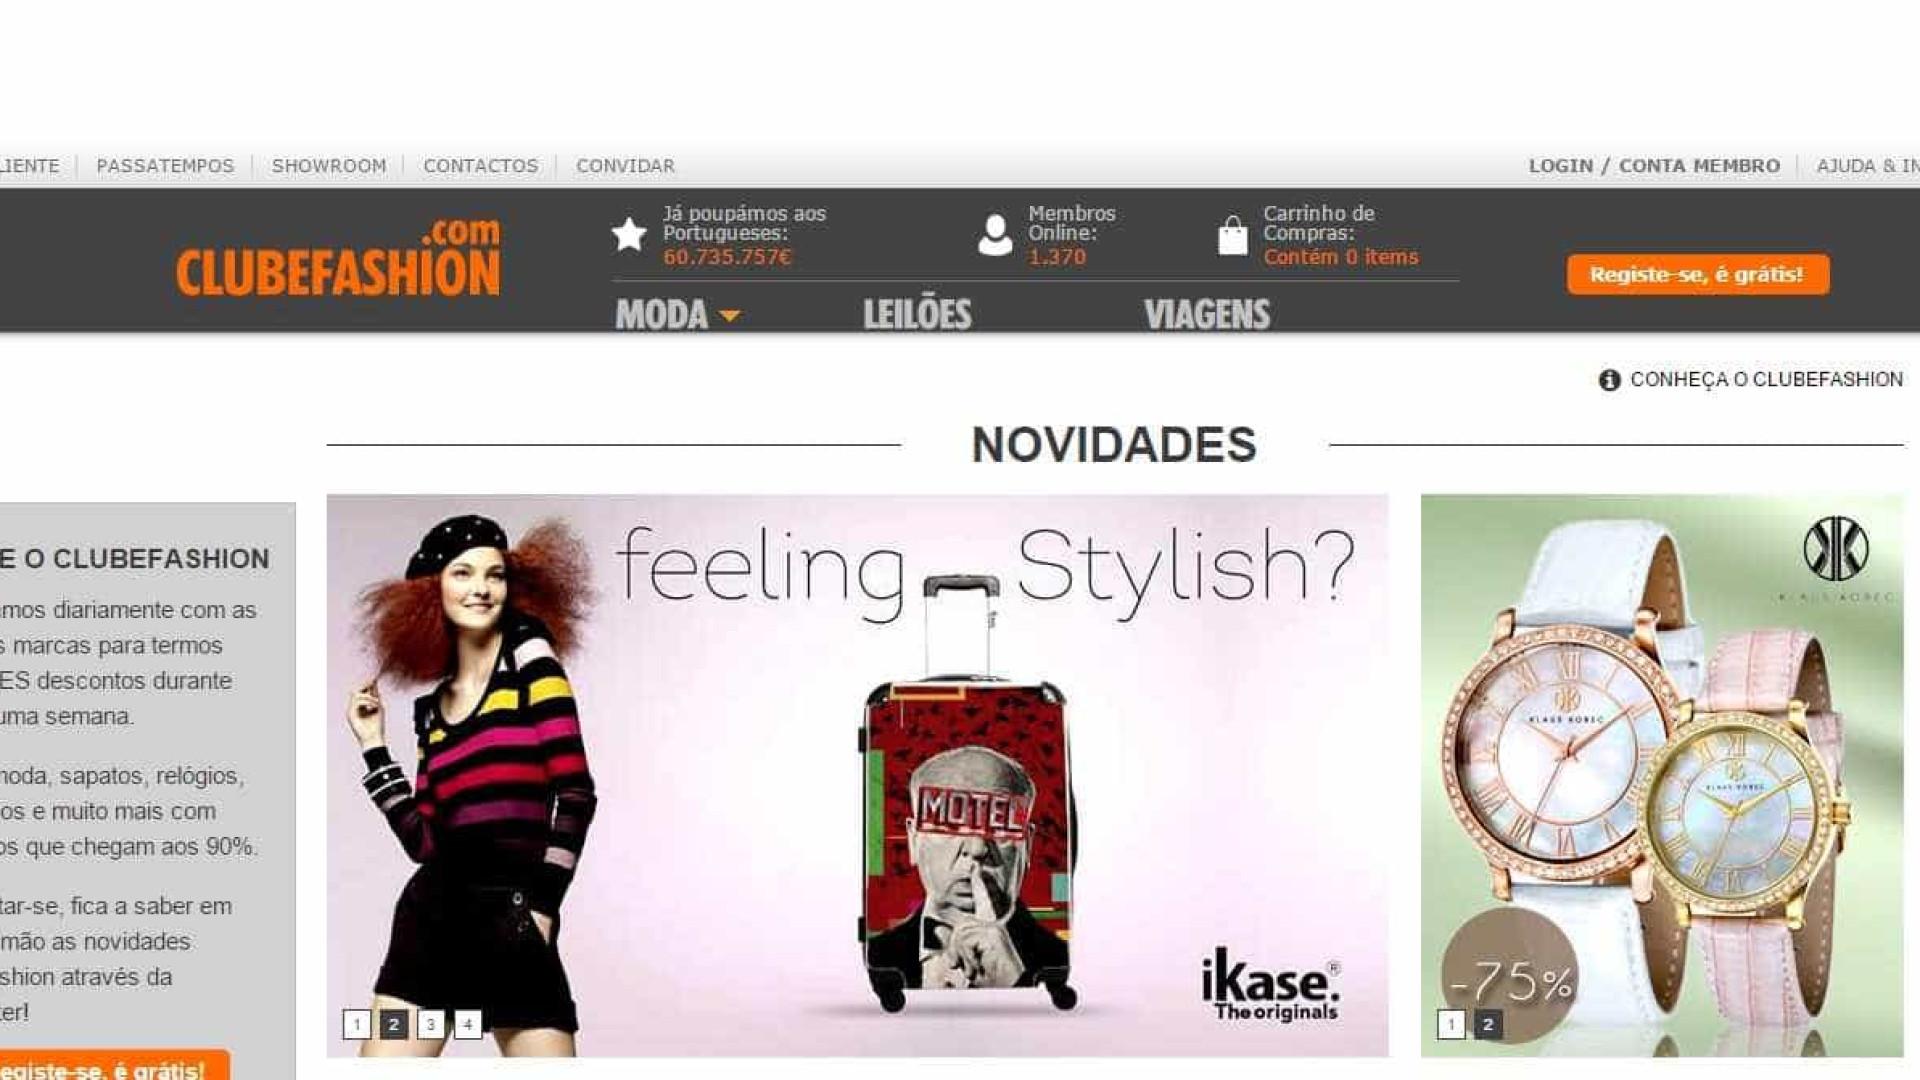 Faz compras no site ClubeFashion? Portal da Queixa desaconselha-o